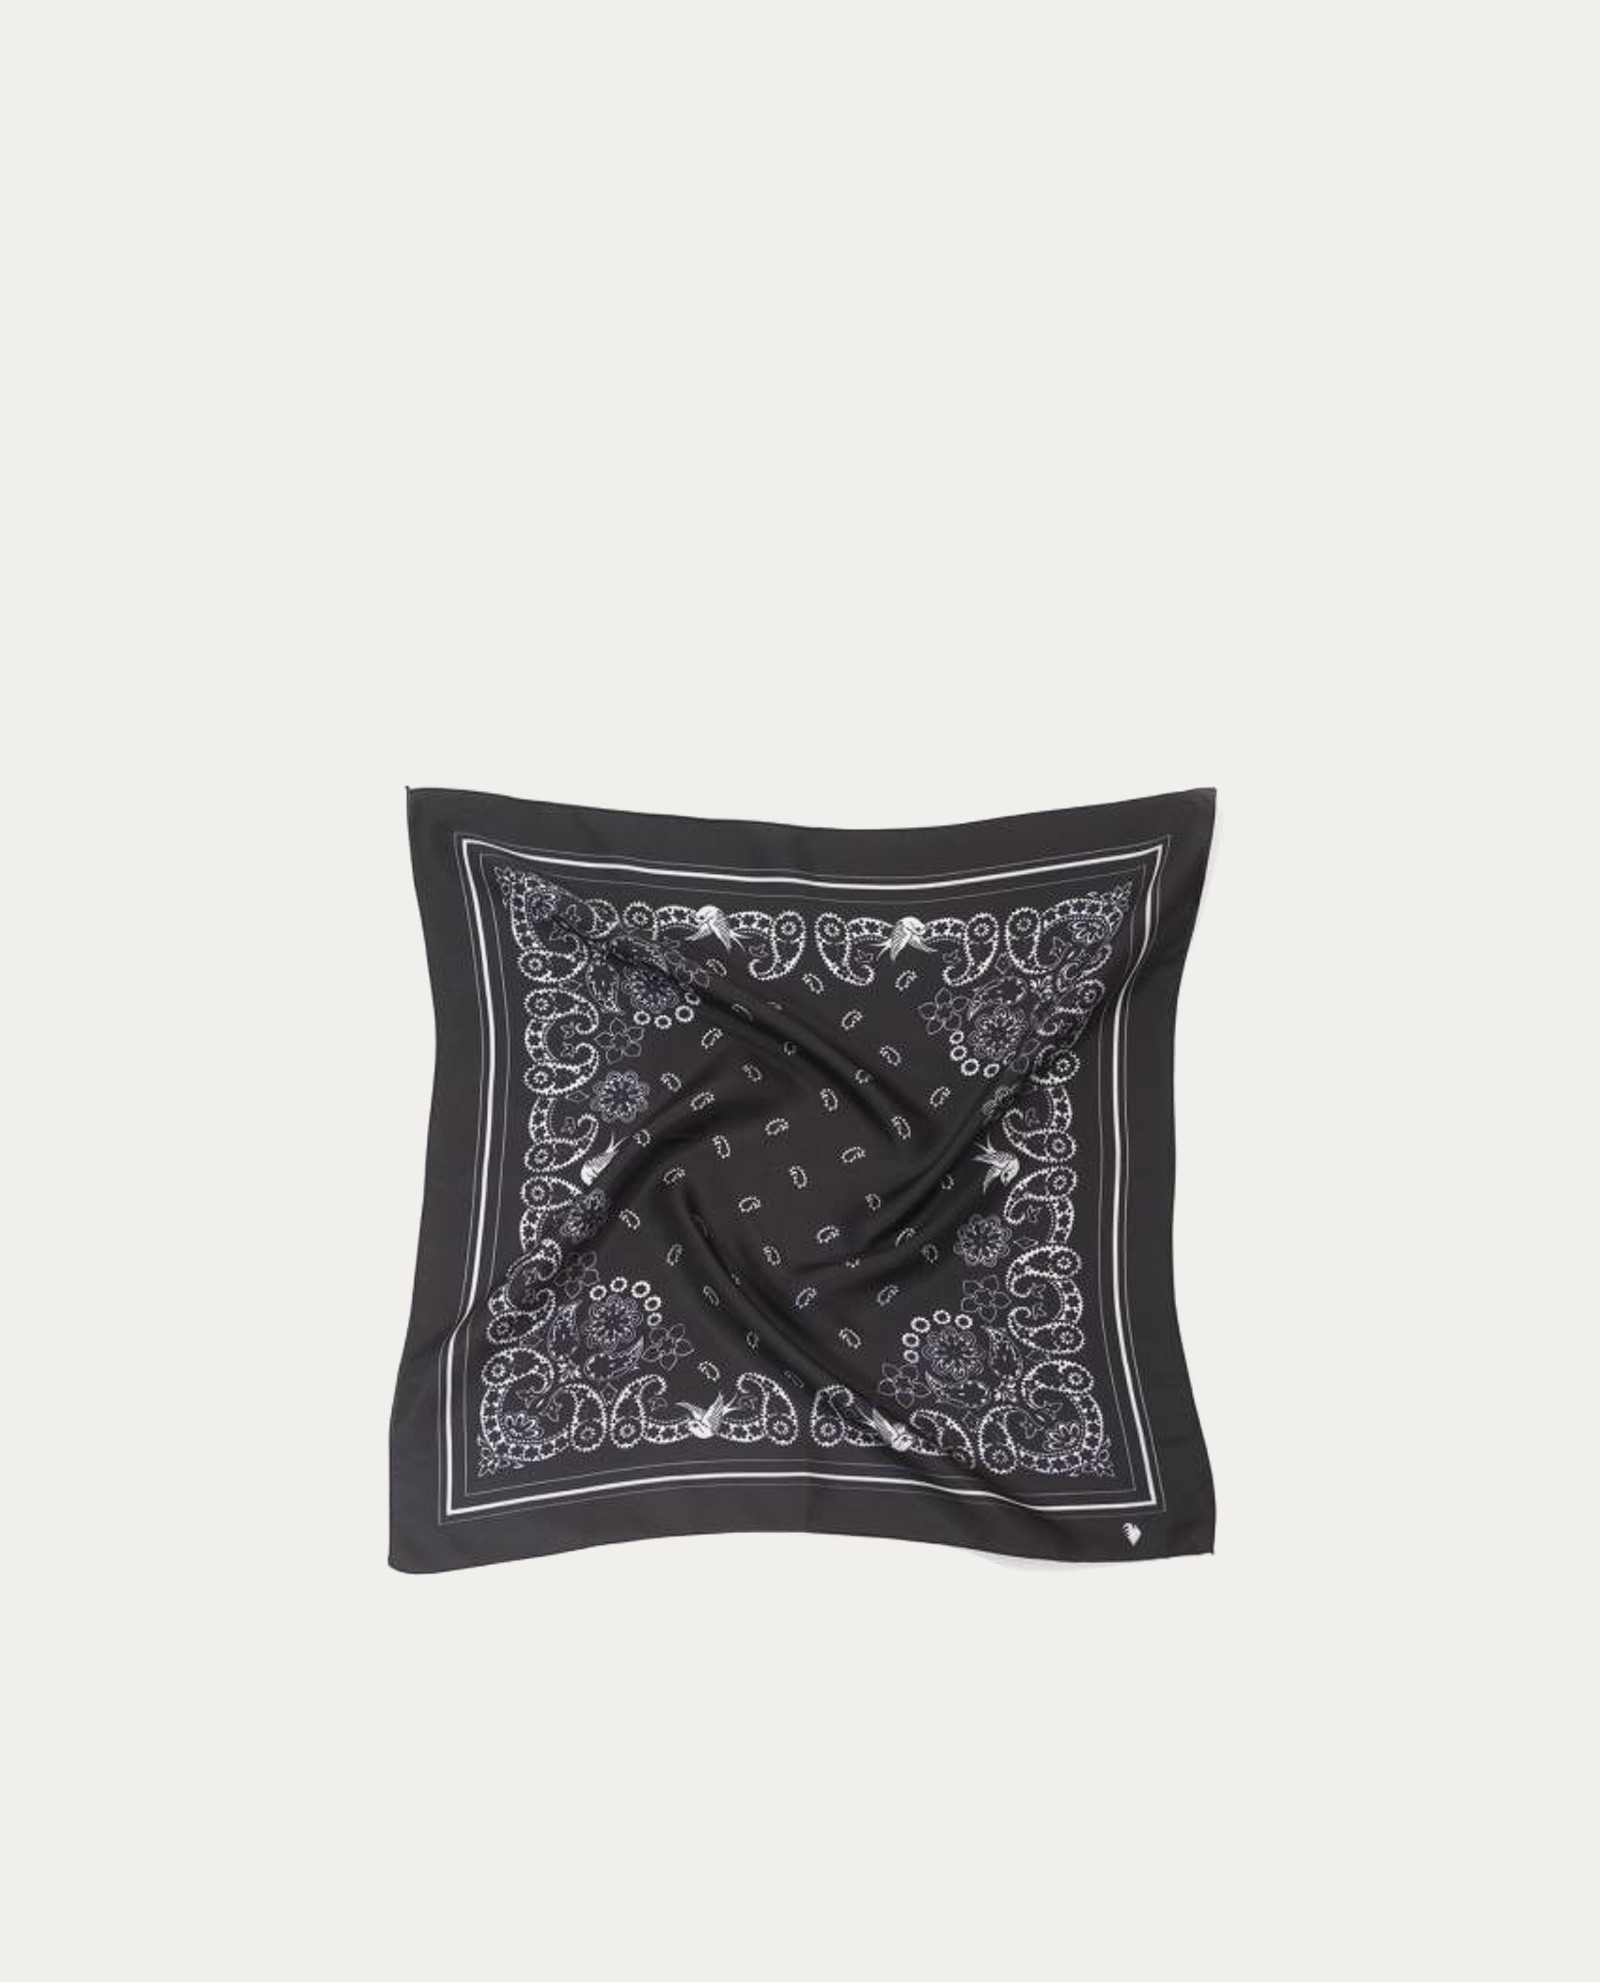 f416fecdac64 Accueil   Shop online   Accessoires   Tour de cou   A Piece of Chic foulard  soie « Bandana Noir »